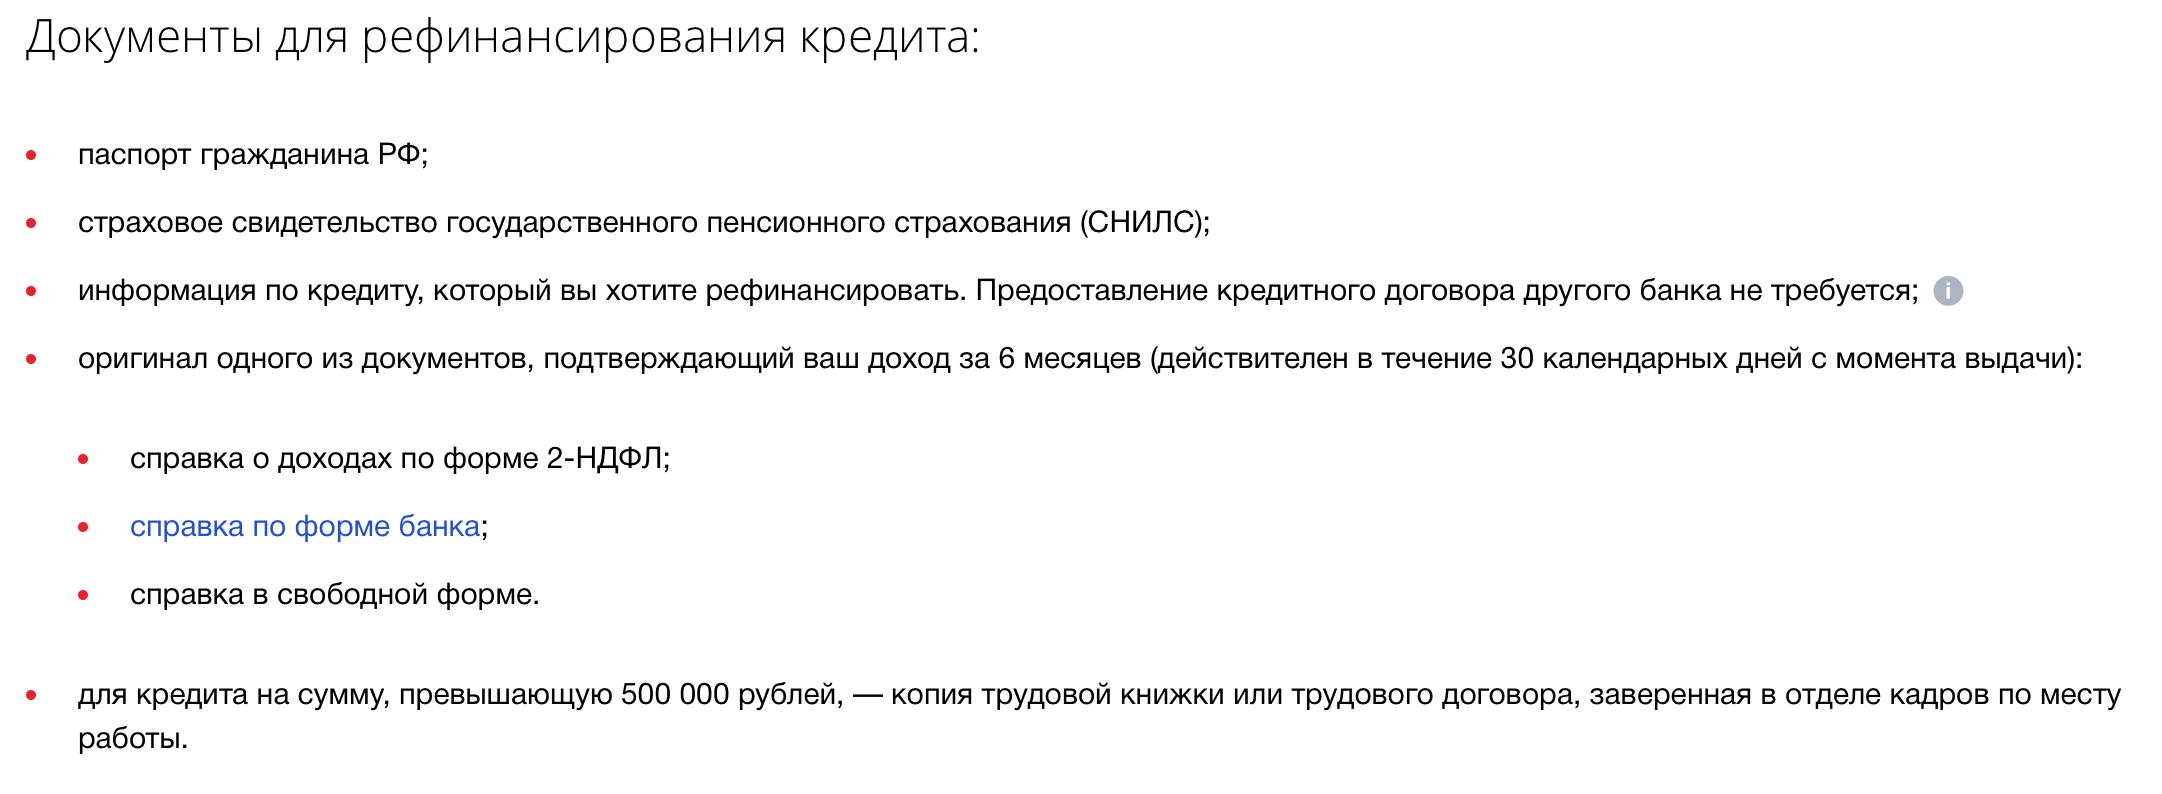 втб банк москвы официальный сайт москва телефон справочной